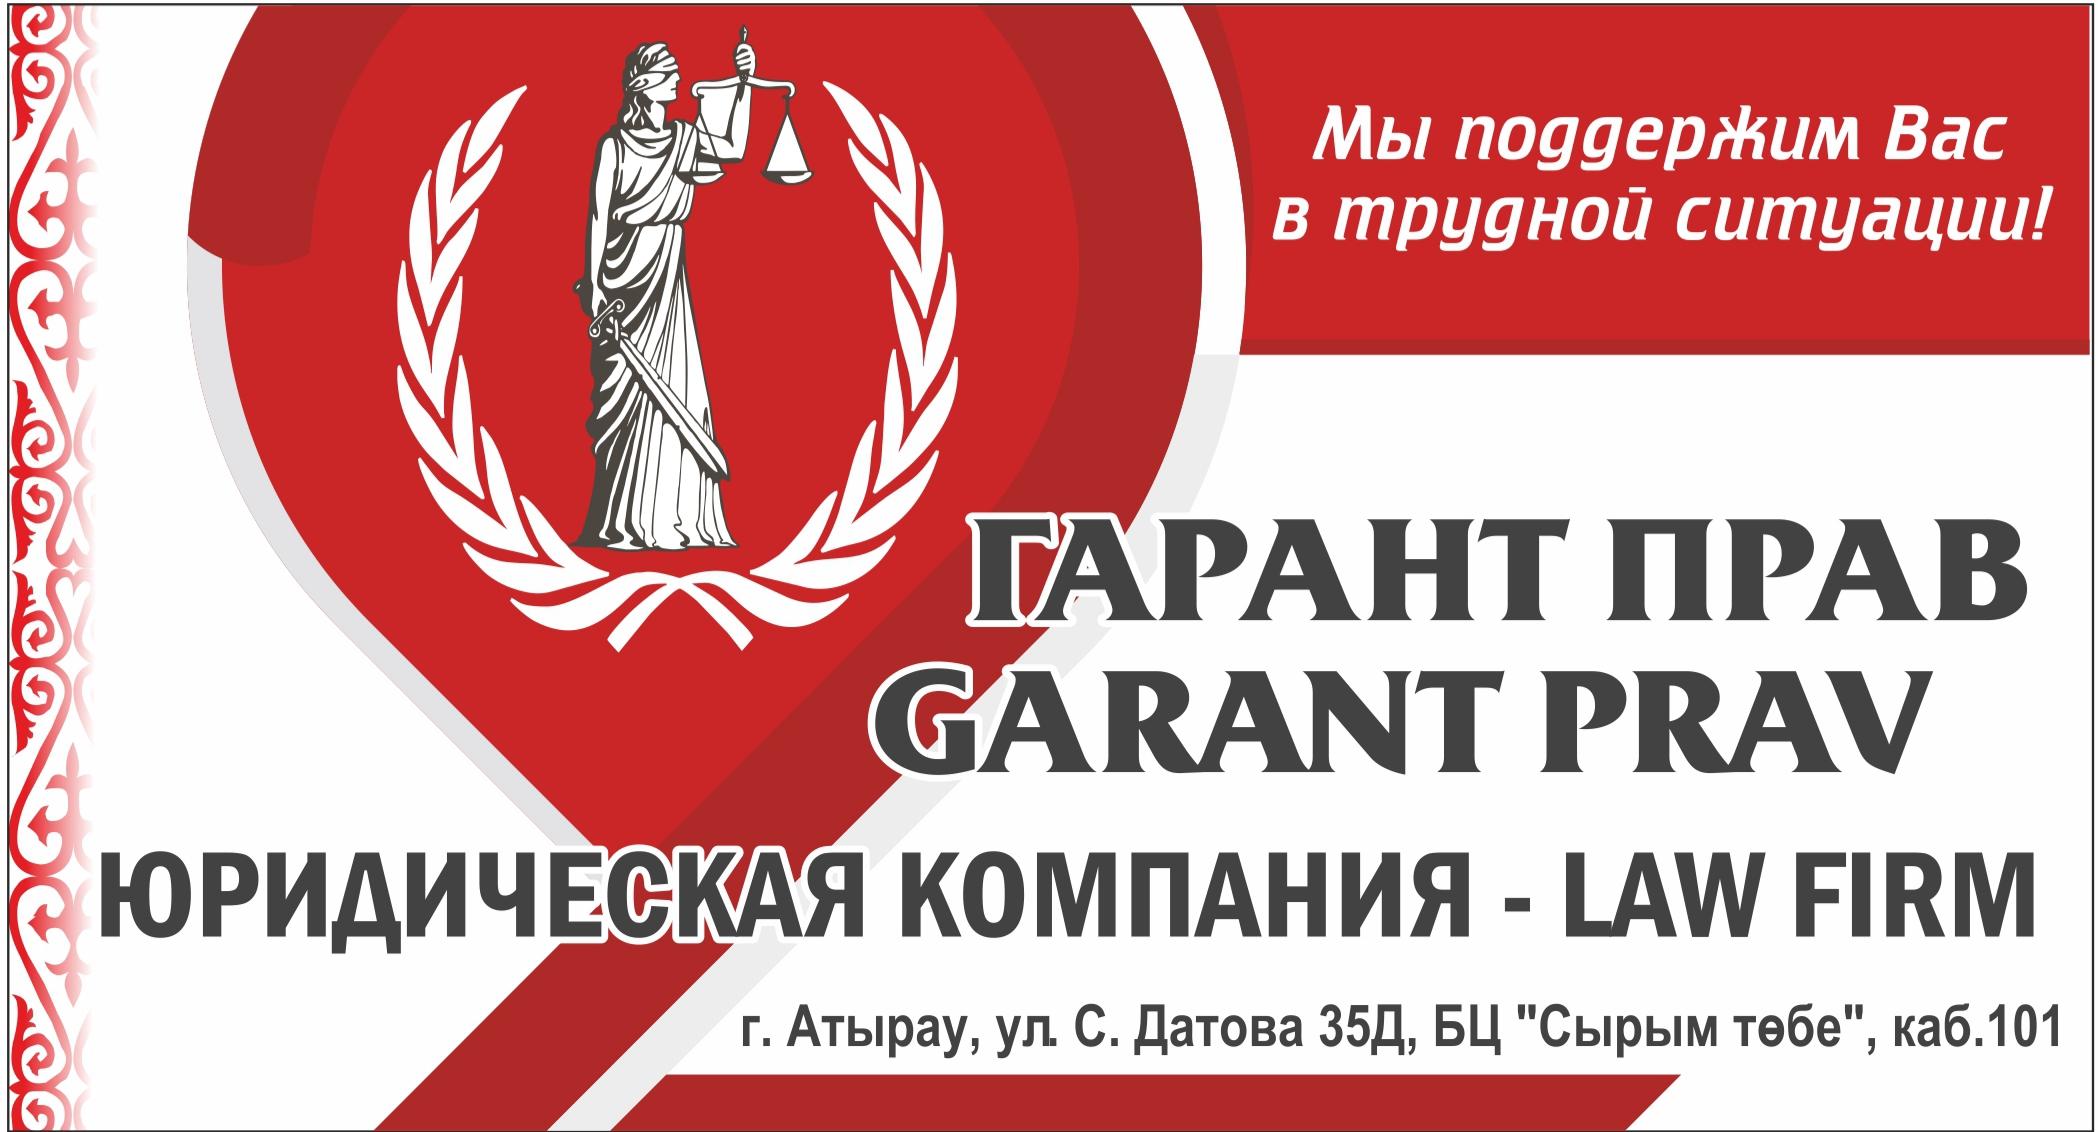 Юридическая компания Гарант Прав